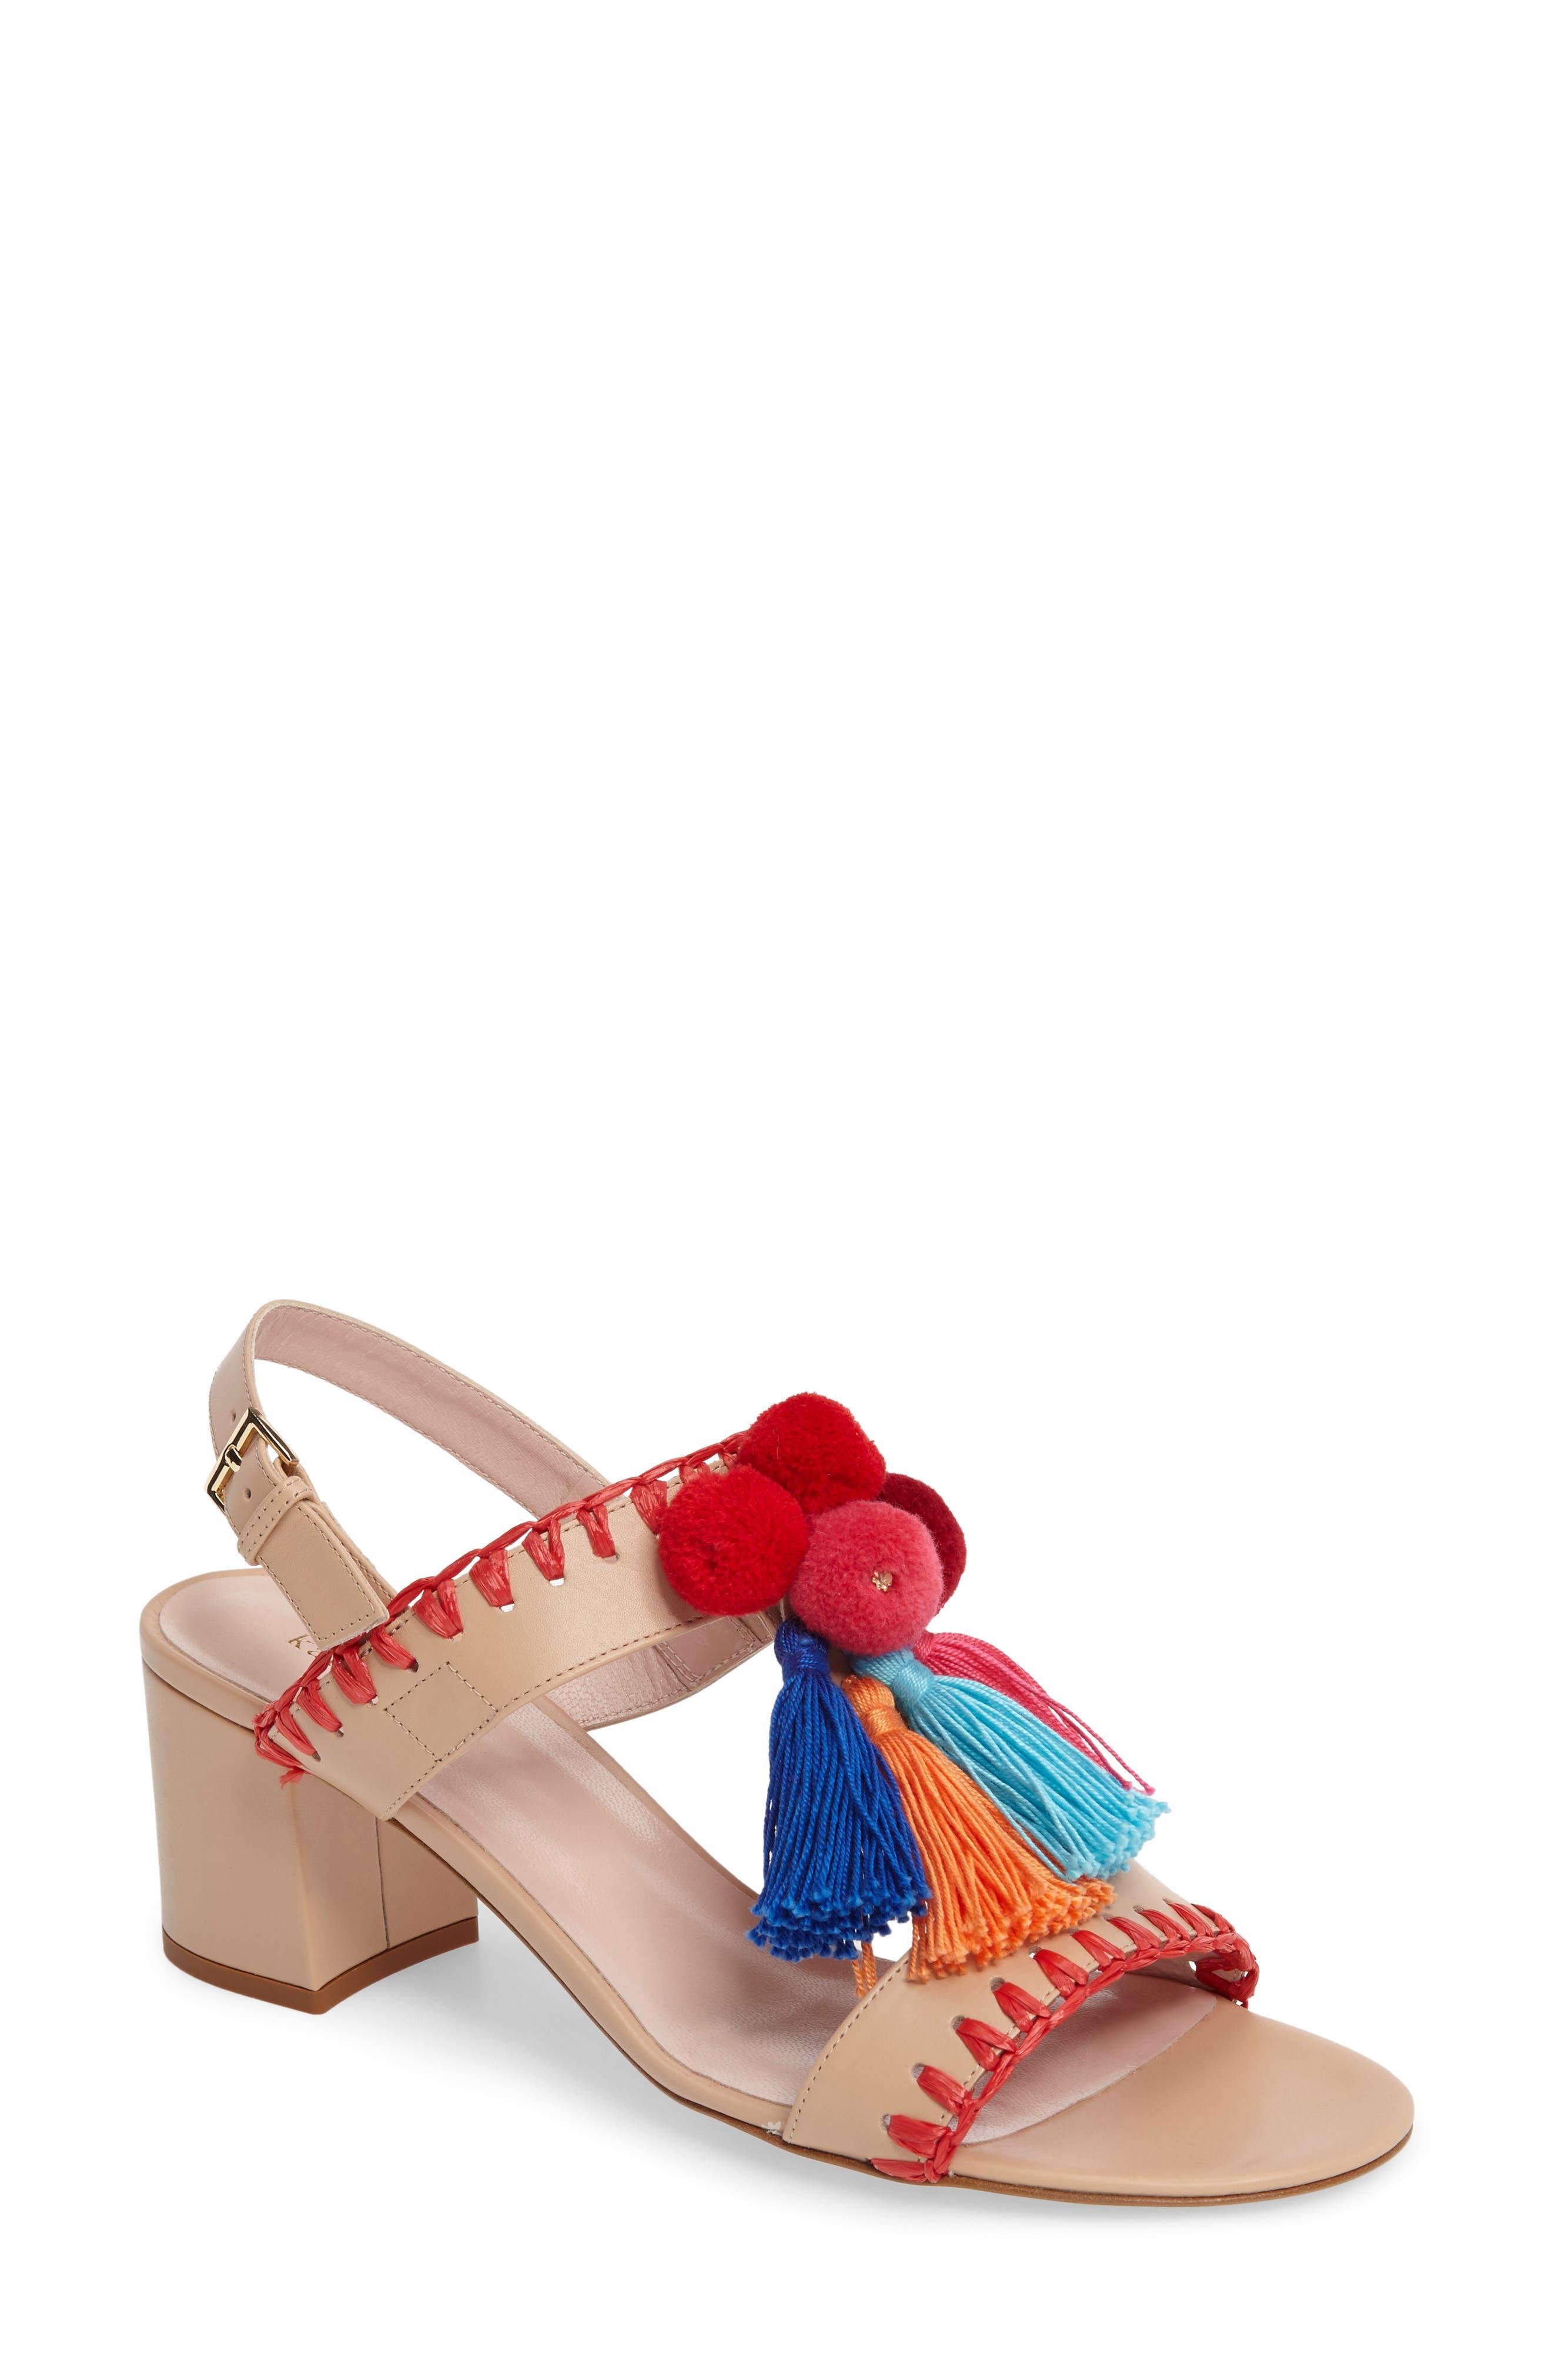 Alternate Image 1 Selected - kate spade new york mcdougal pom tassel sandal (Women)